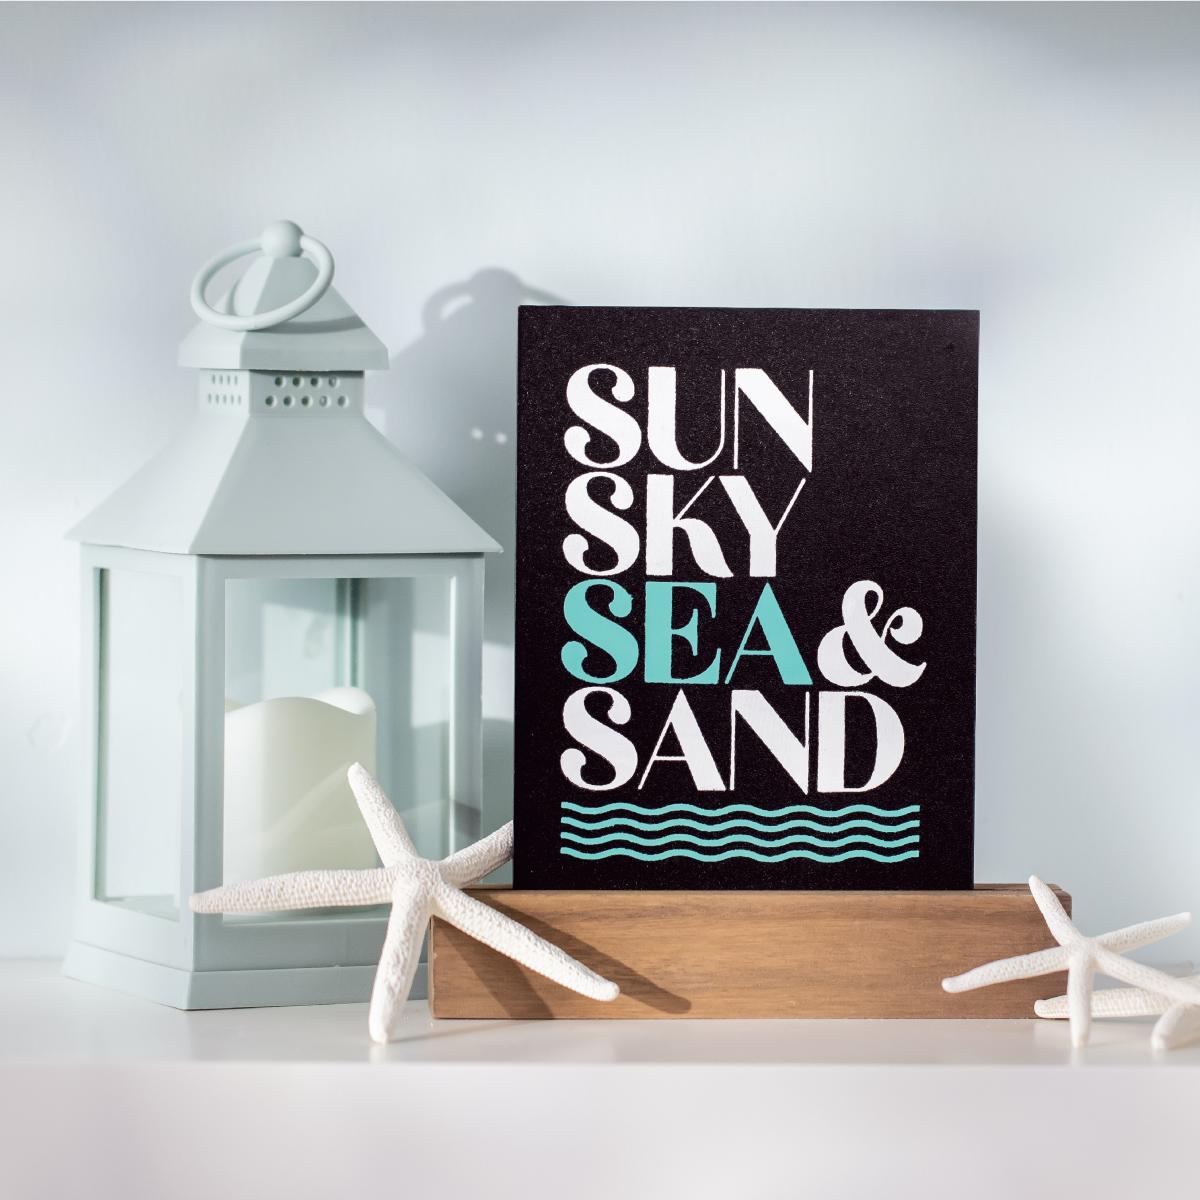 sun sky sea sand